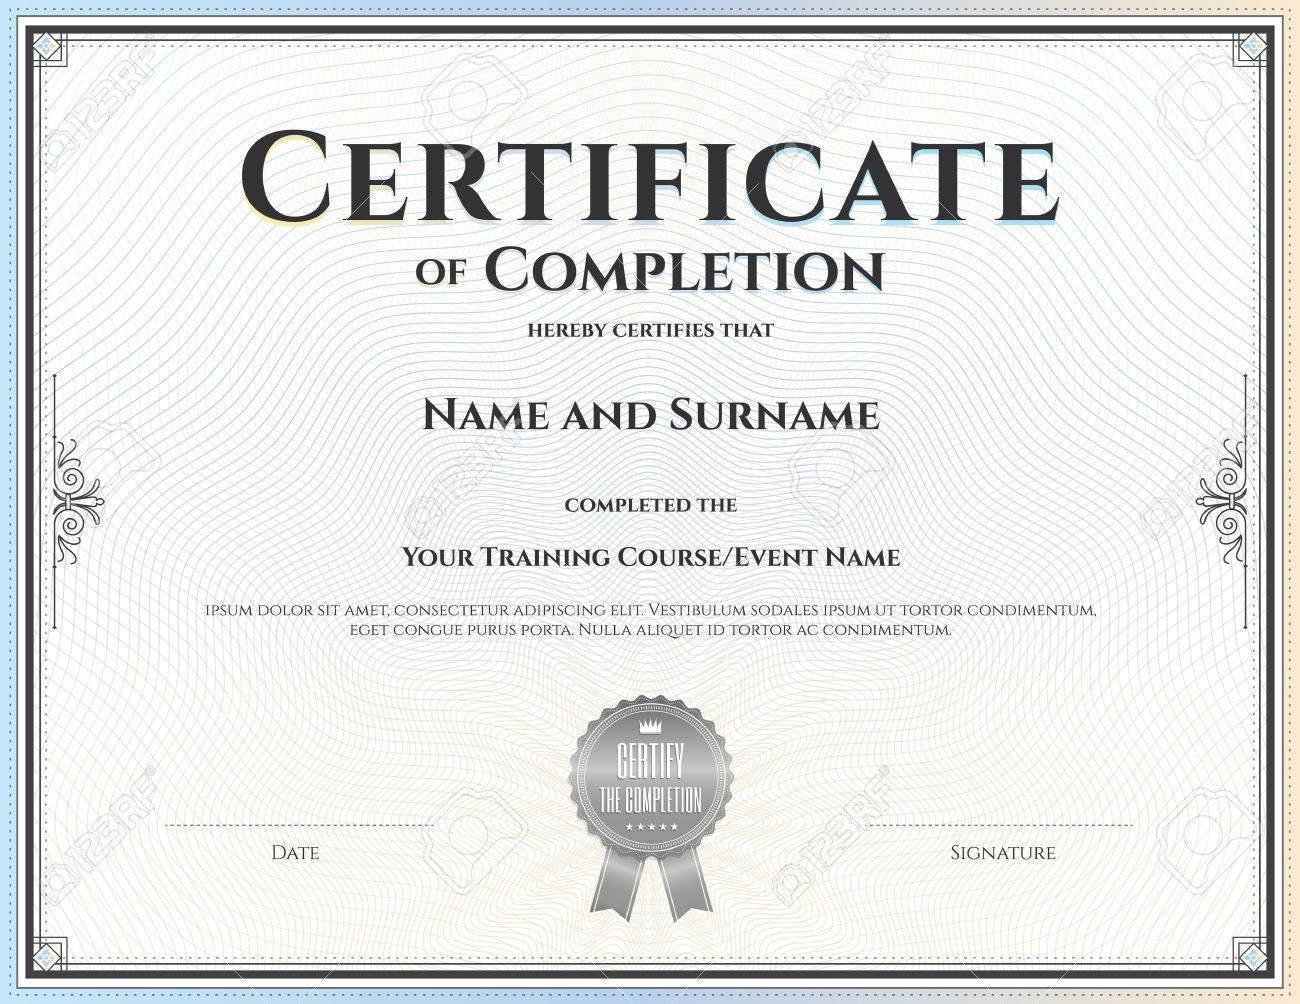 Fantastisch Vorlage Für Certificate Of Completion Bilder - Bilder ...